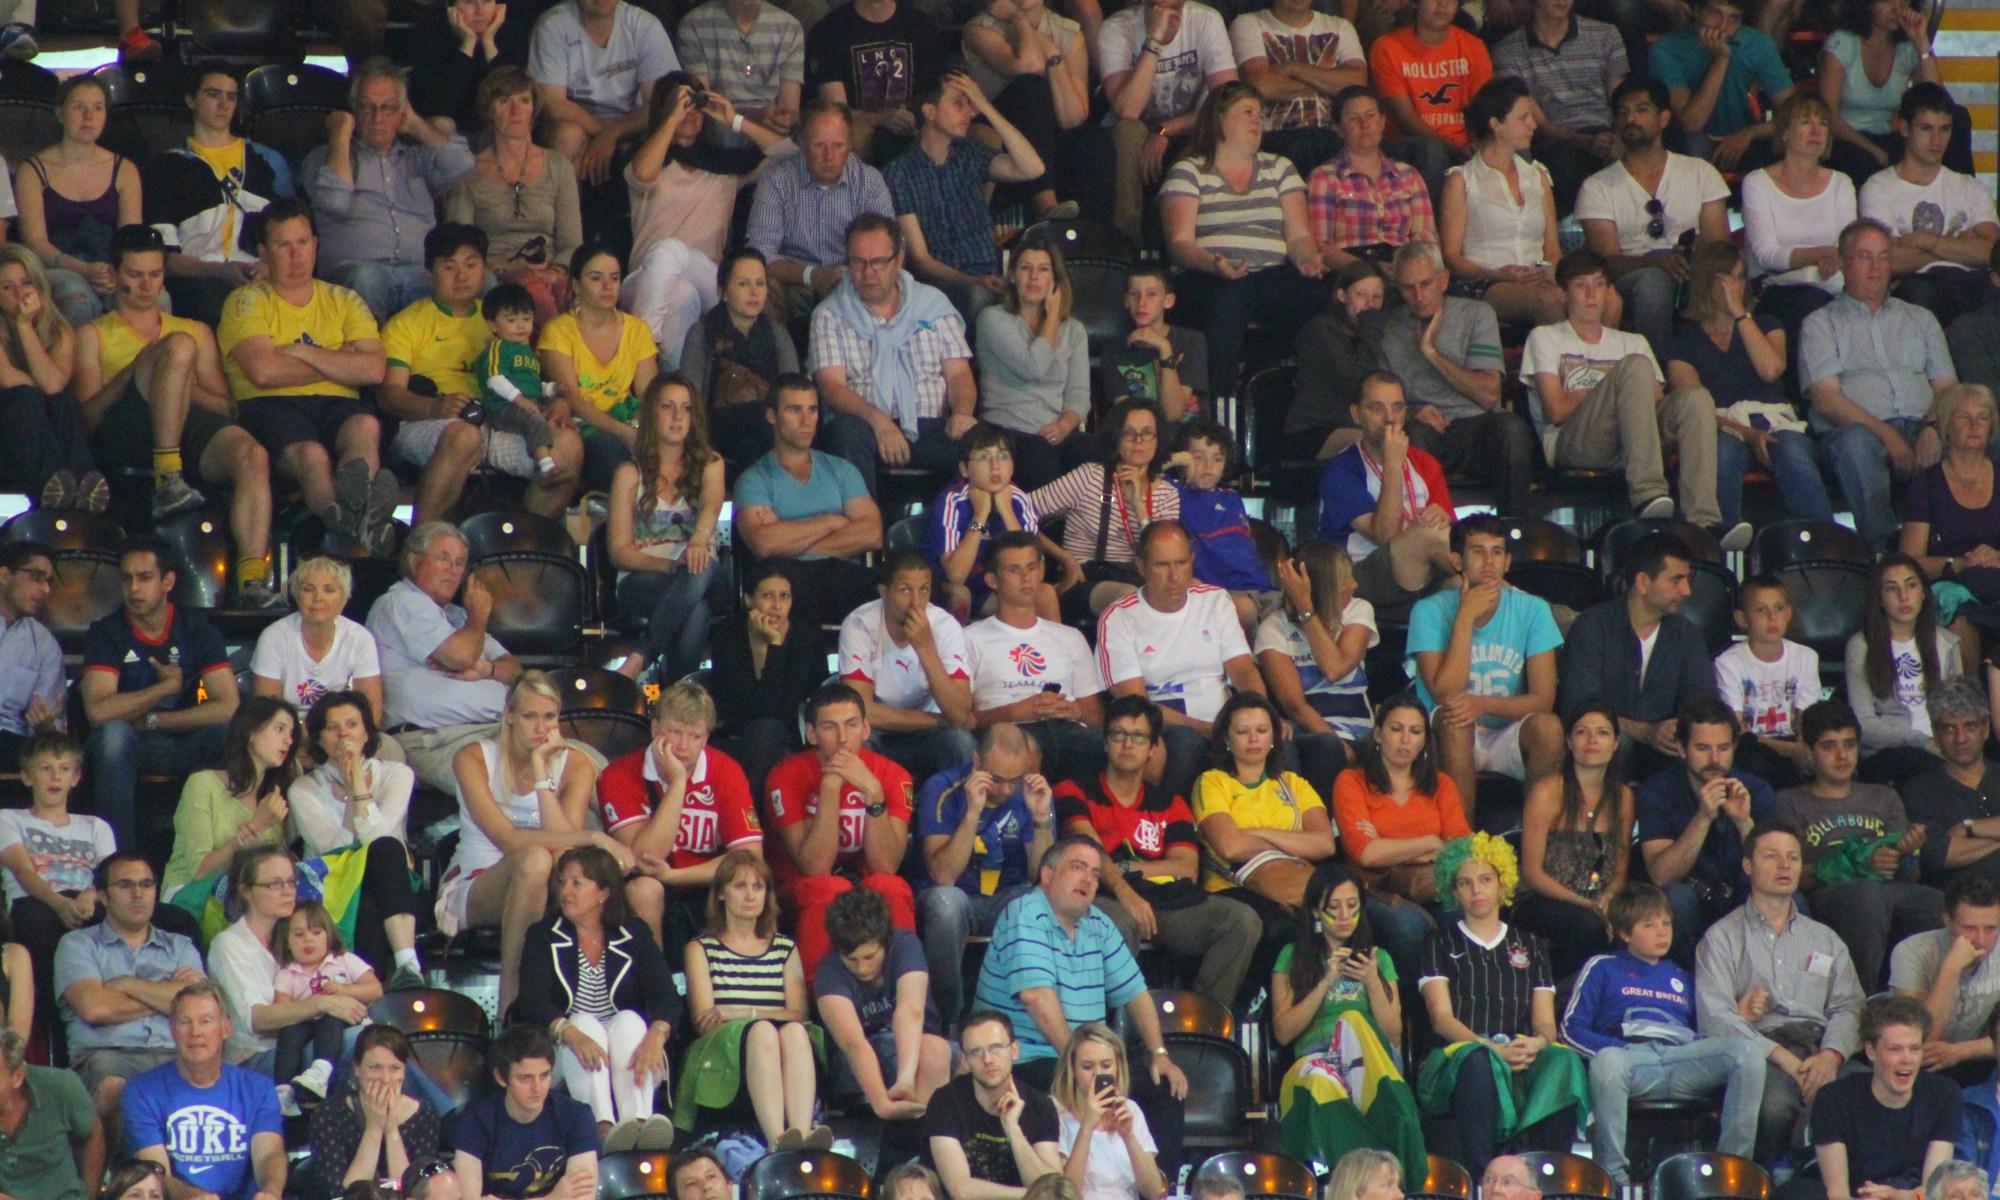 London 2010 Basketball arena